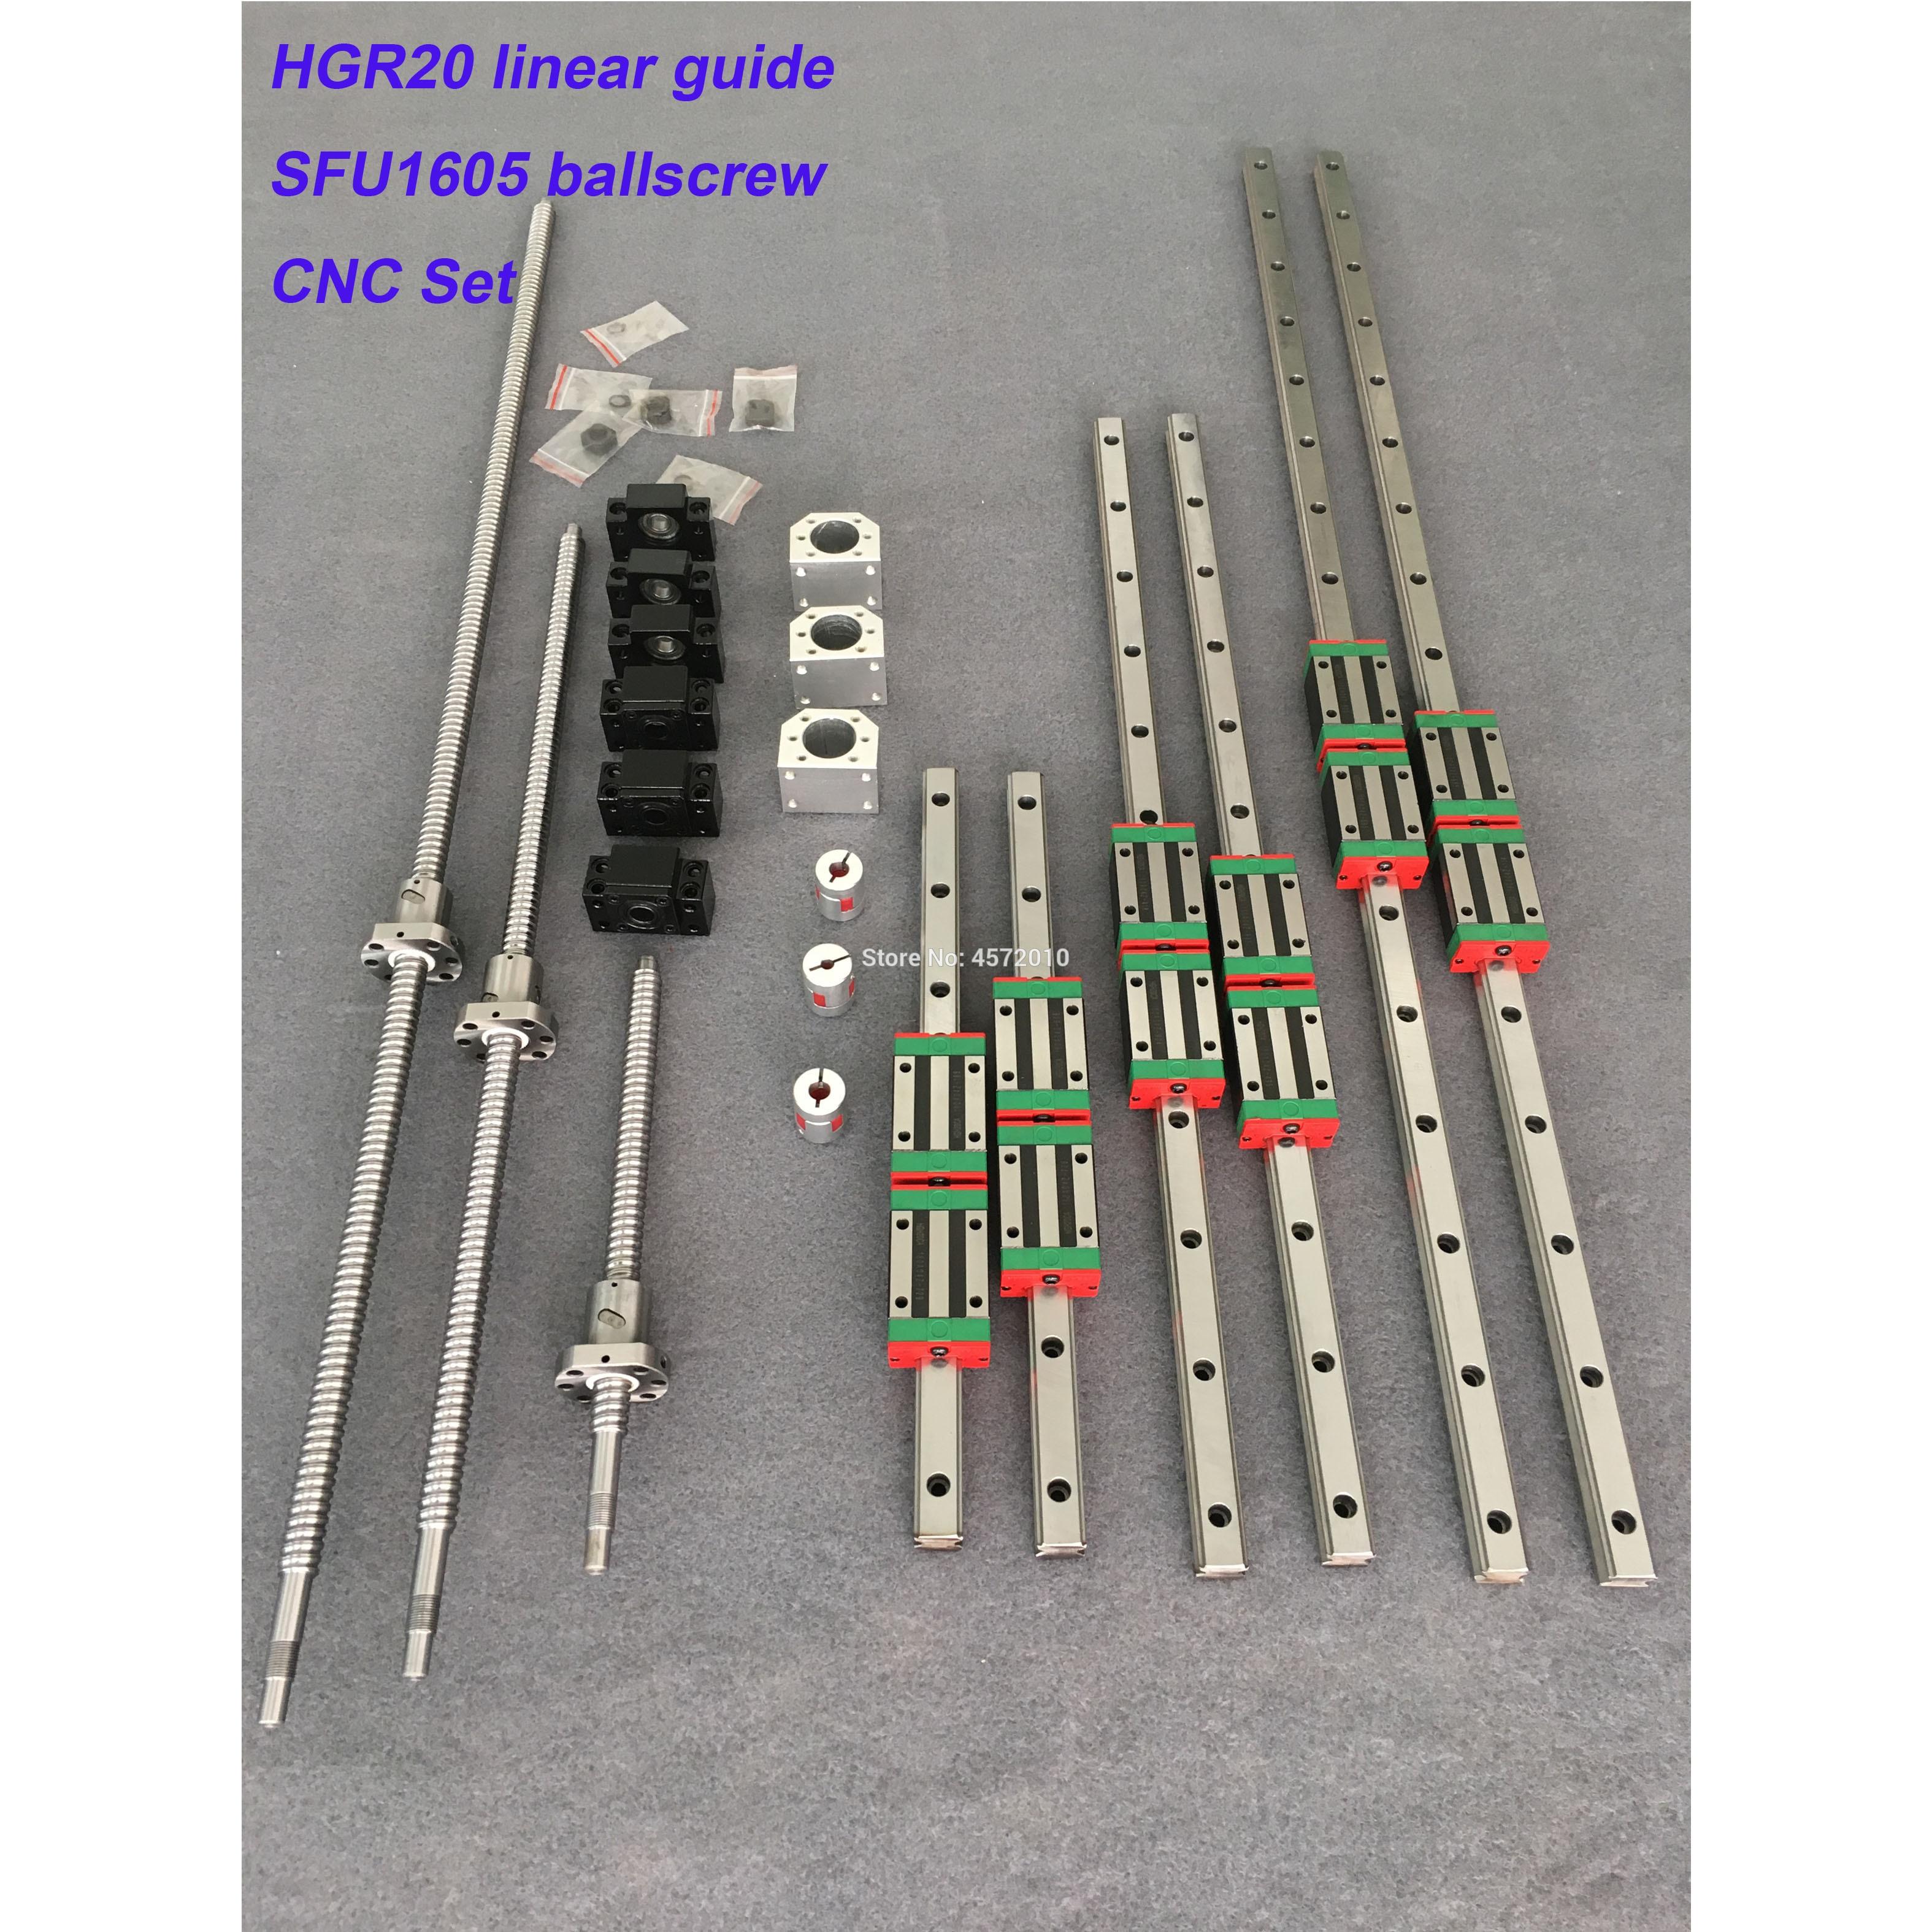 Conjunto cnc hgr20 quadrados conjuntos de guia linear 12 pçs hgh20ca + sfu605/1610 1605 parafuso da esfera bk bf12 habitação acoplamento para kit motor do eixo